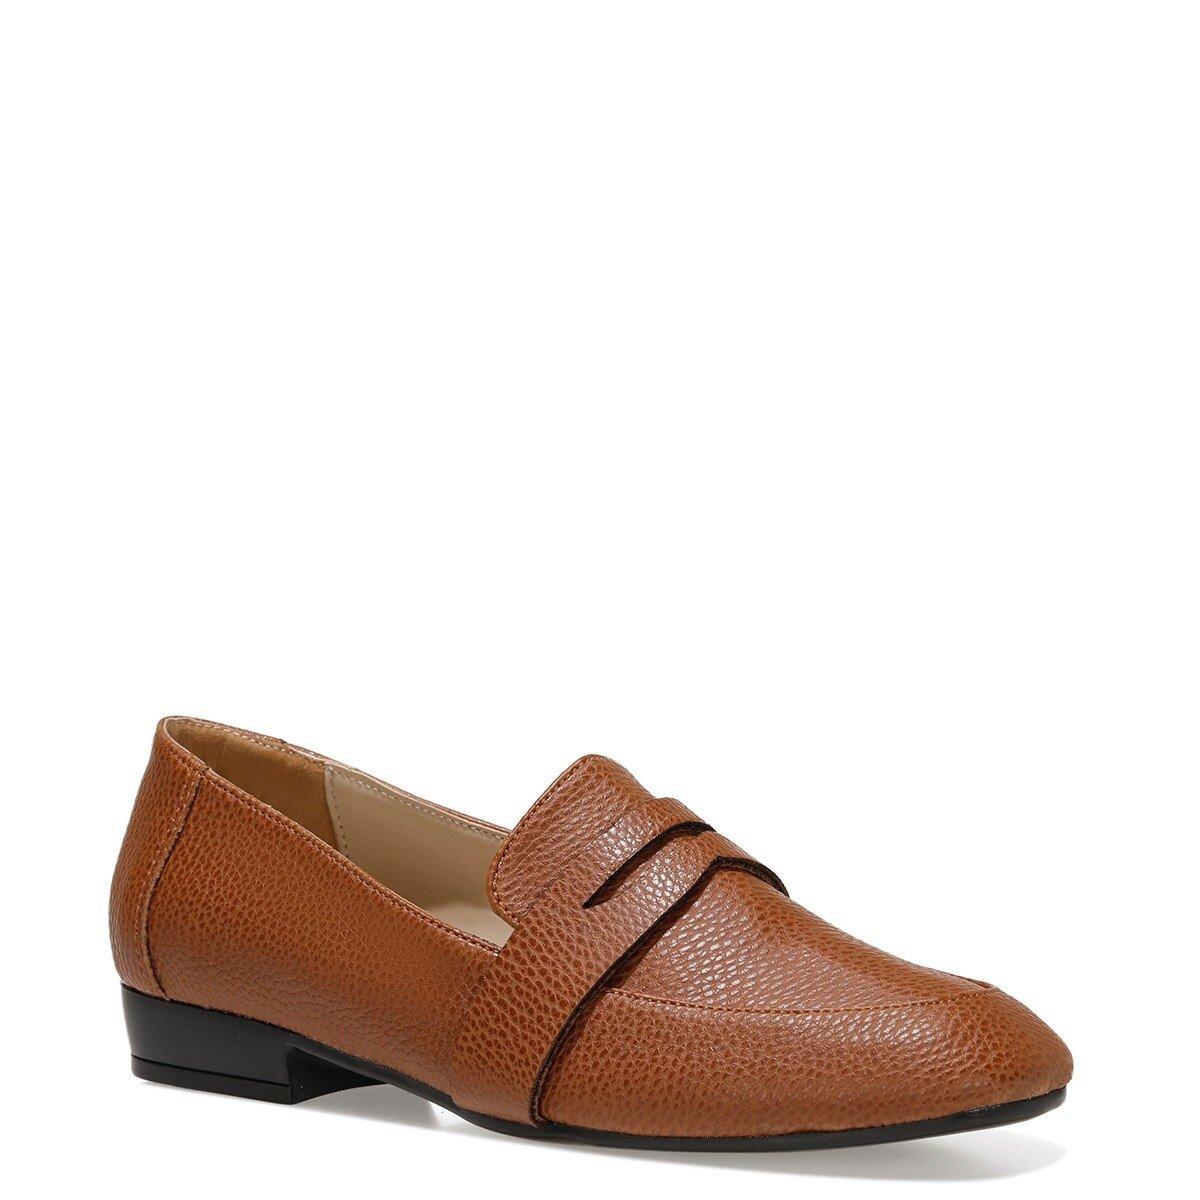 RONE 1FX Taba Kadın Loafer Ayakkabı